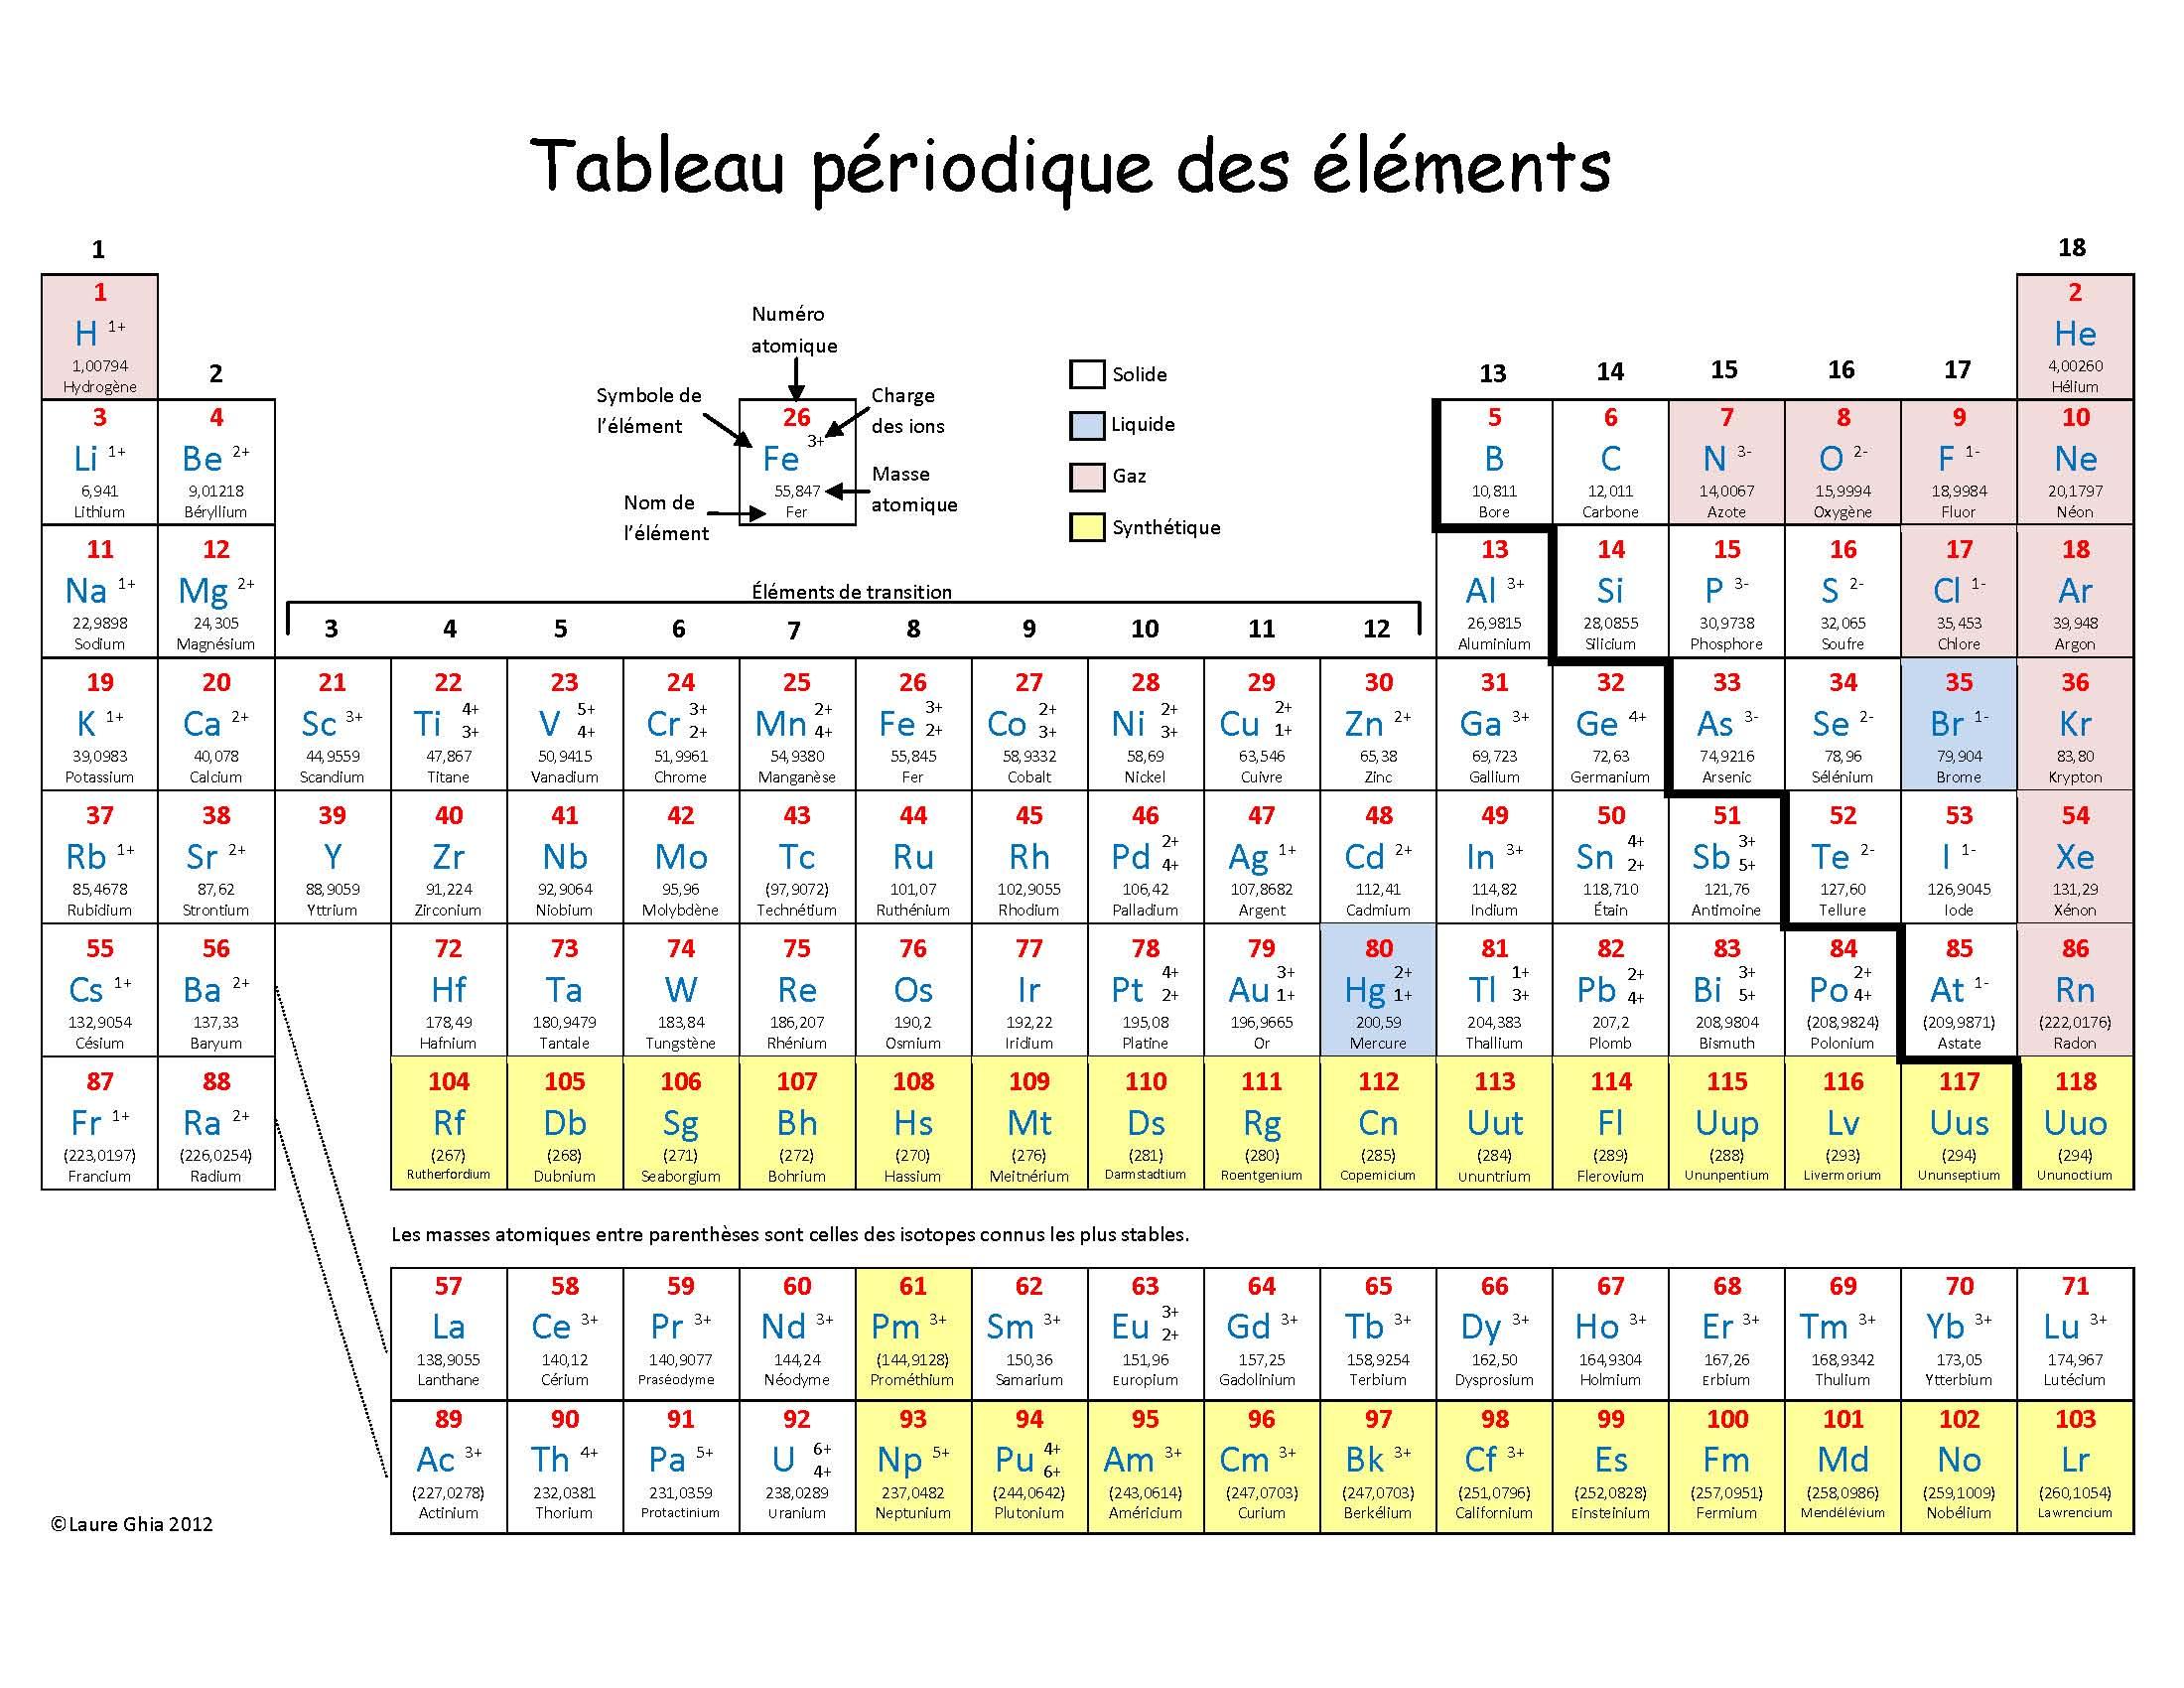 Documents utiles aux g ologues for L tableau periodique en hebreu